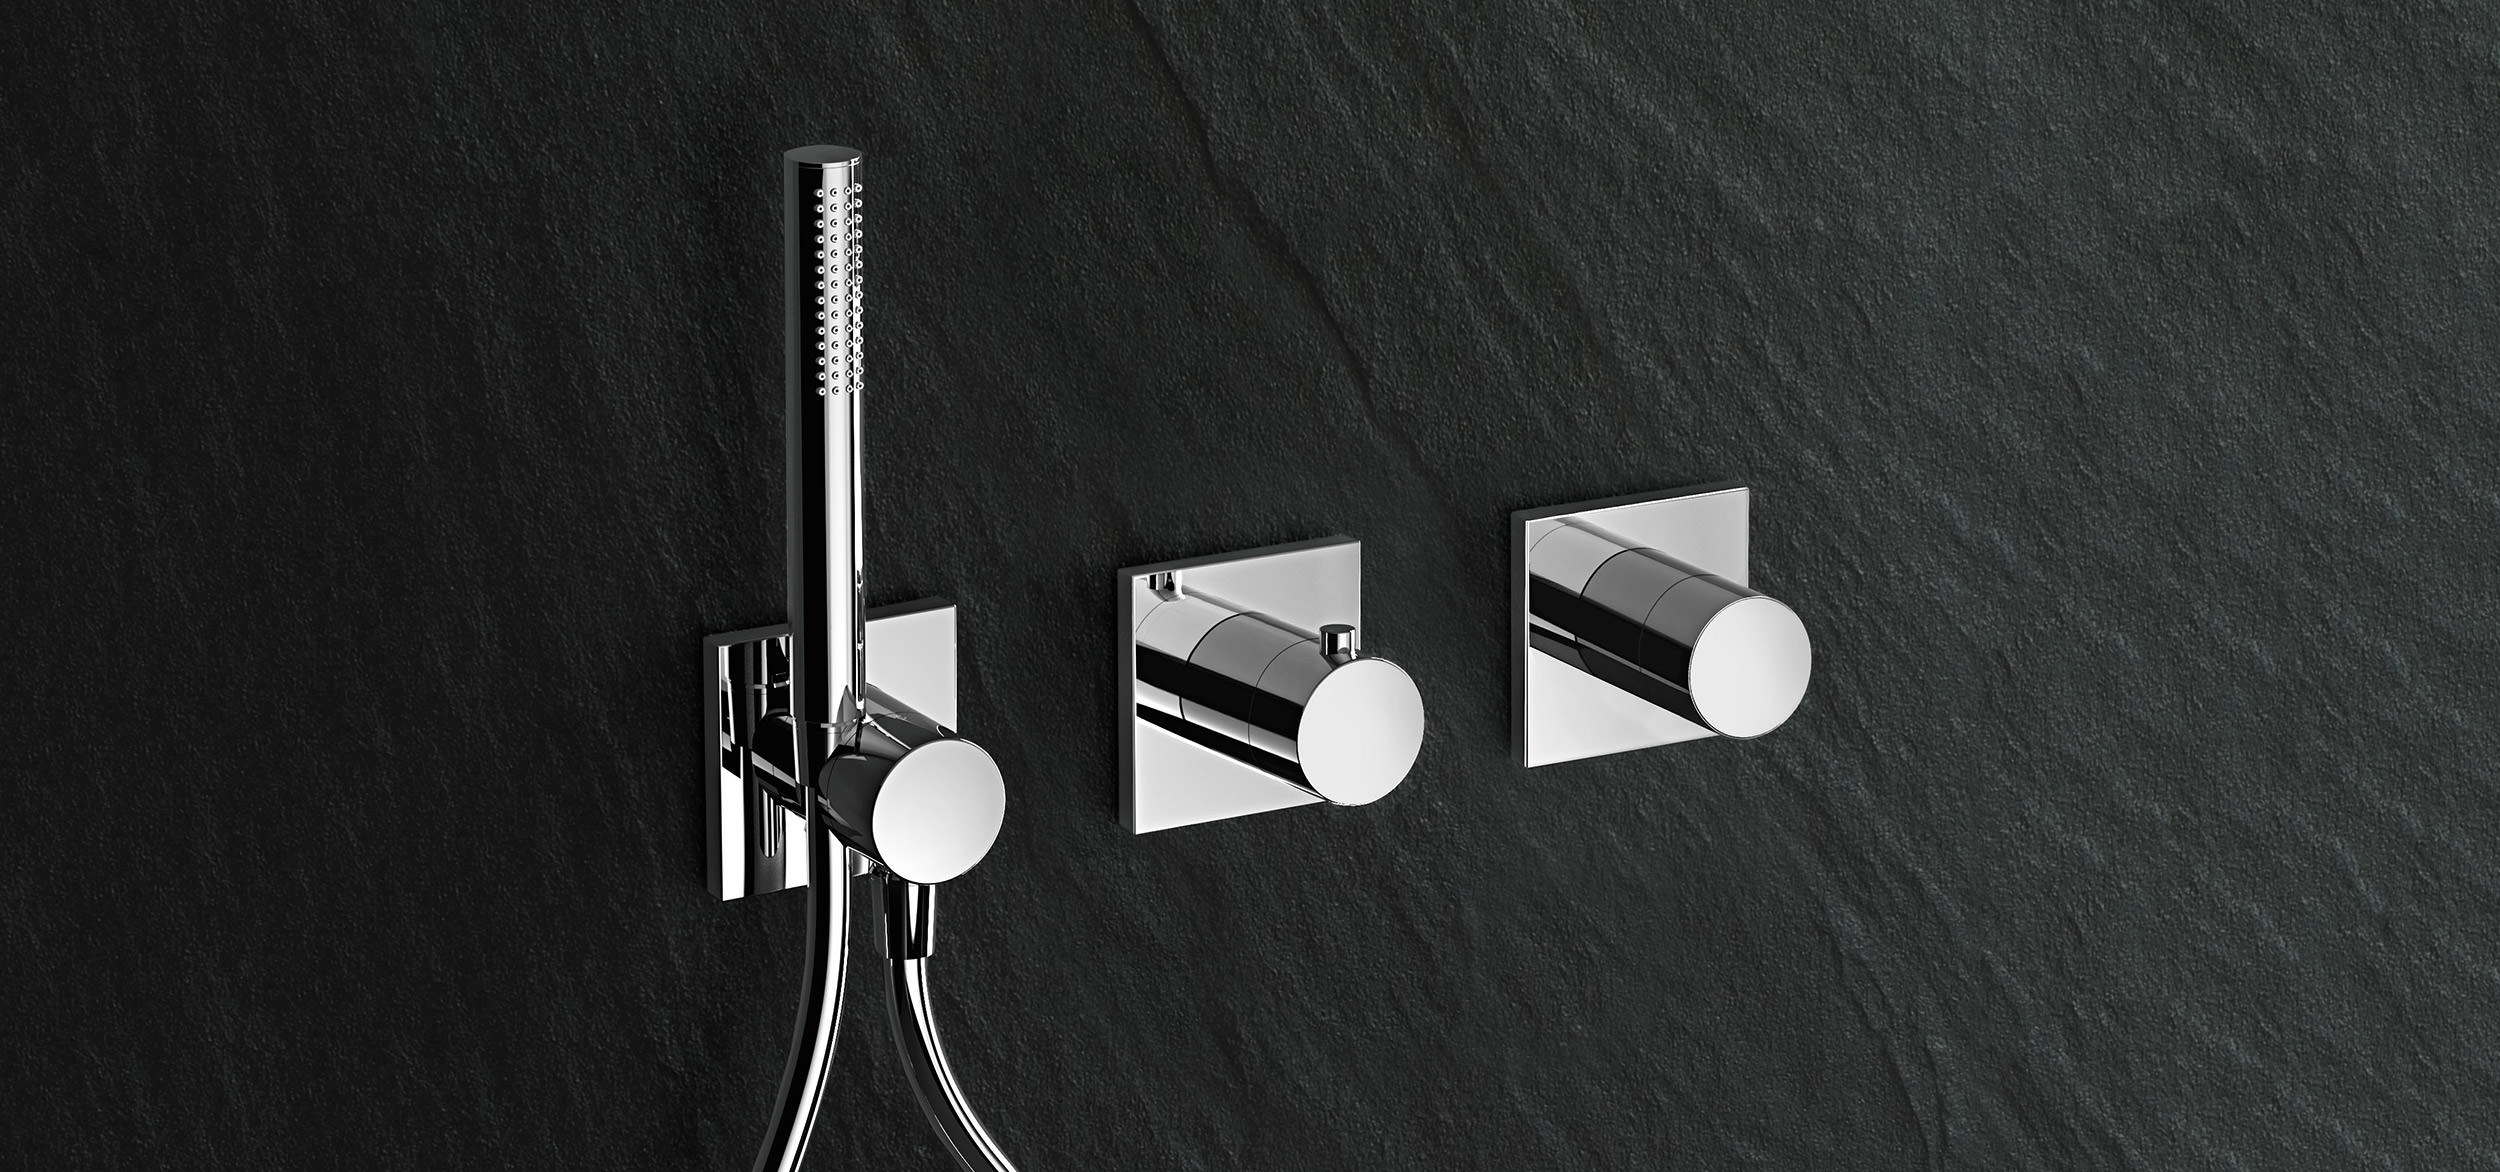 Zeitgemäße, innovative Neuheiten auf höchstem Qualitätsniveau mit einer ausgeprägt minimalistischen Designorientierung: Entdecken Sie die IXMO World!